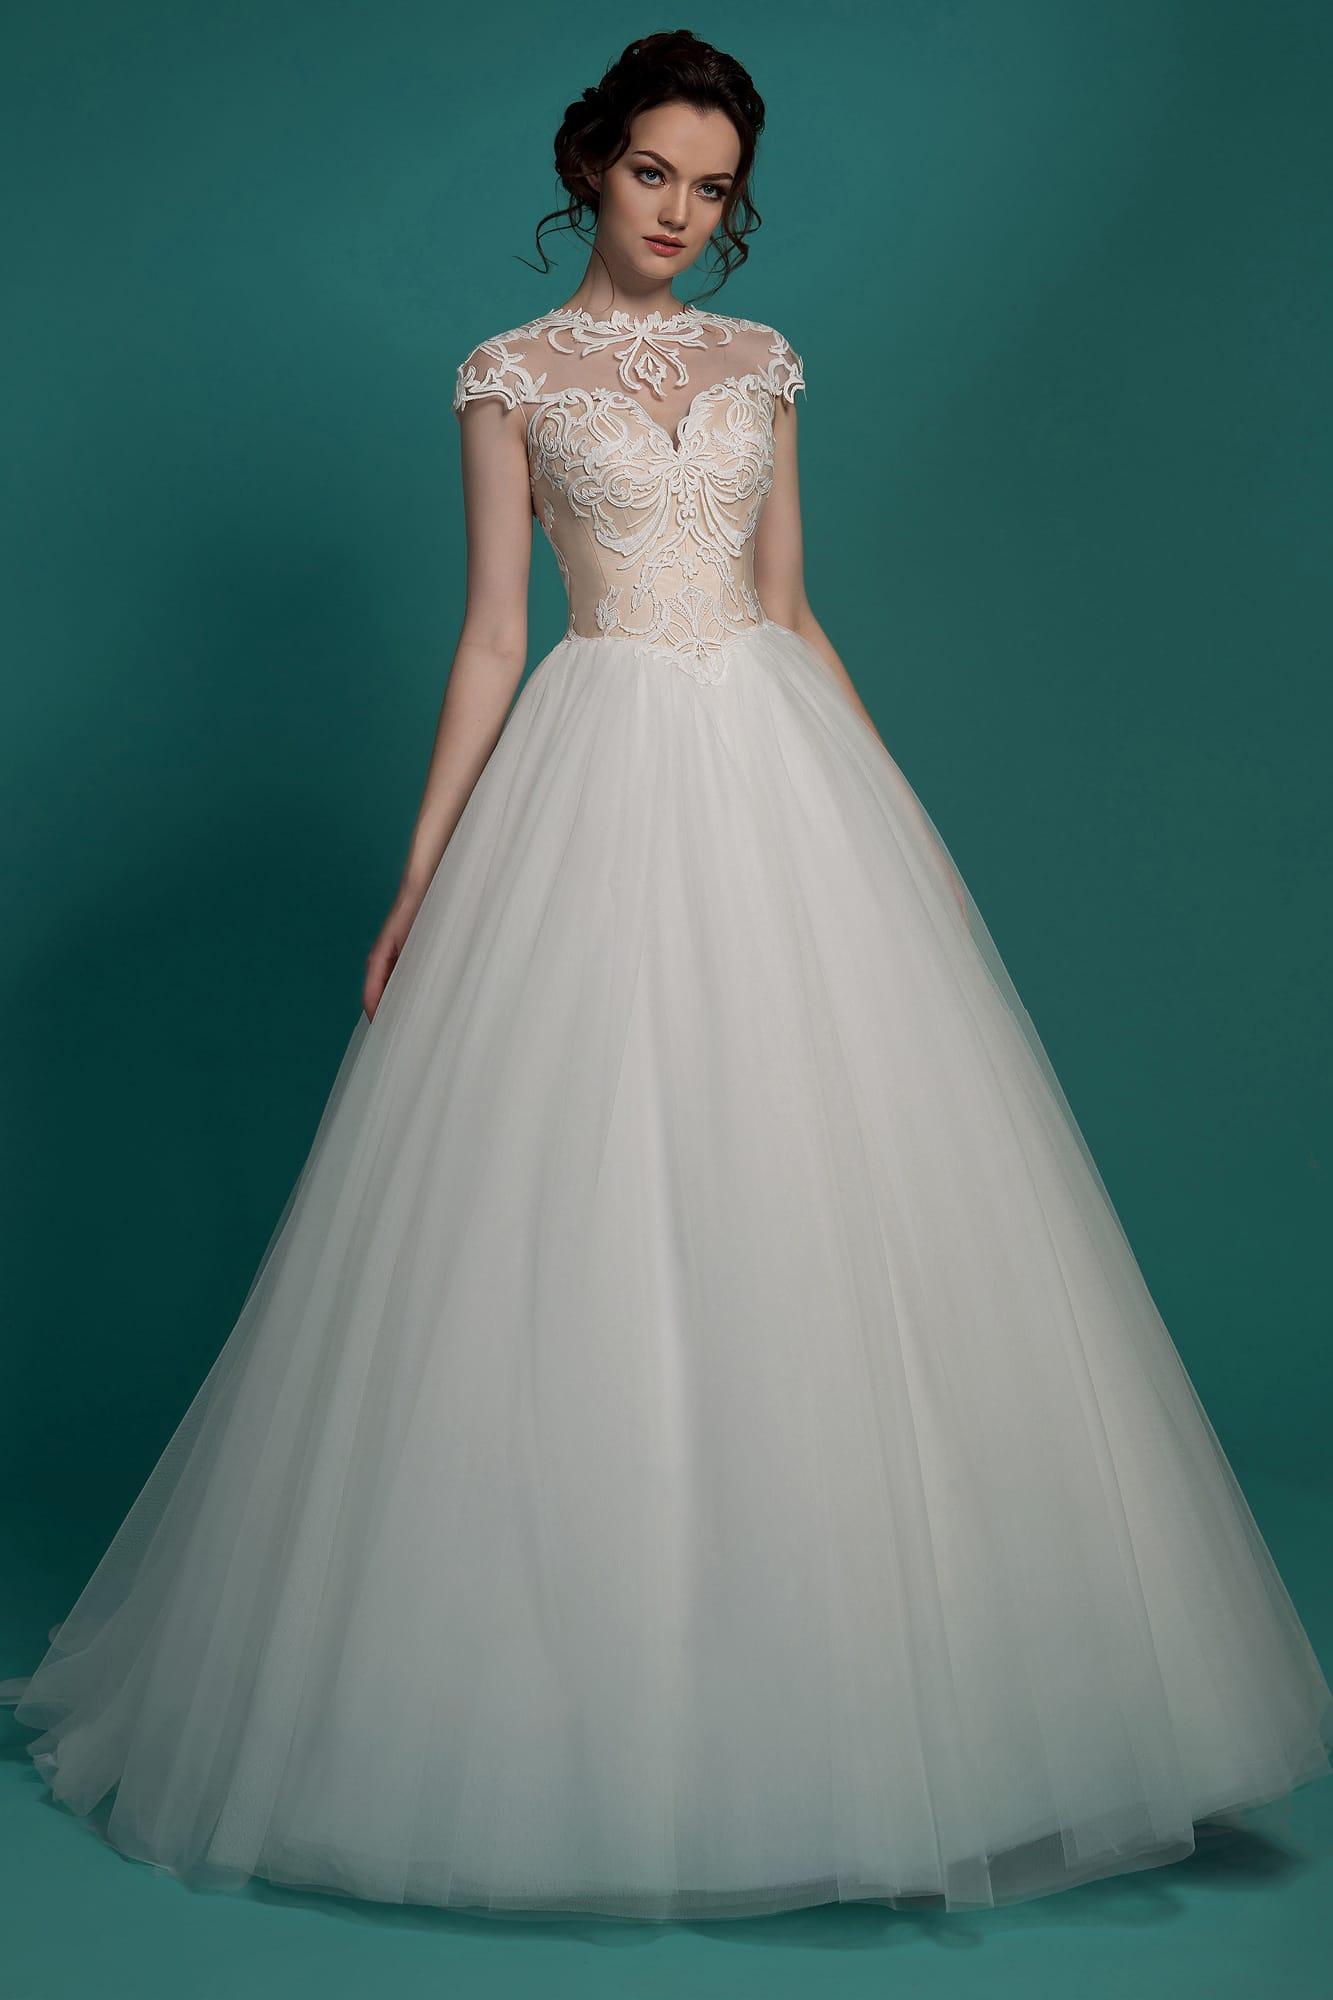 01d3afa5dad Классическое свадебное платье с бежевым корсетом и белоснежной многослойной  юбкой.